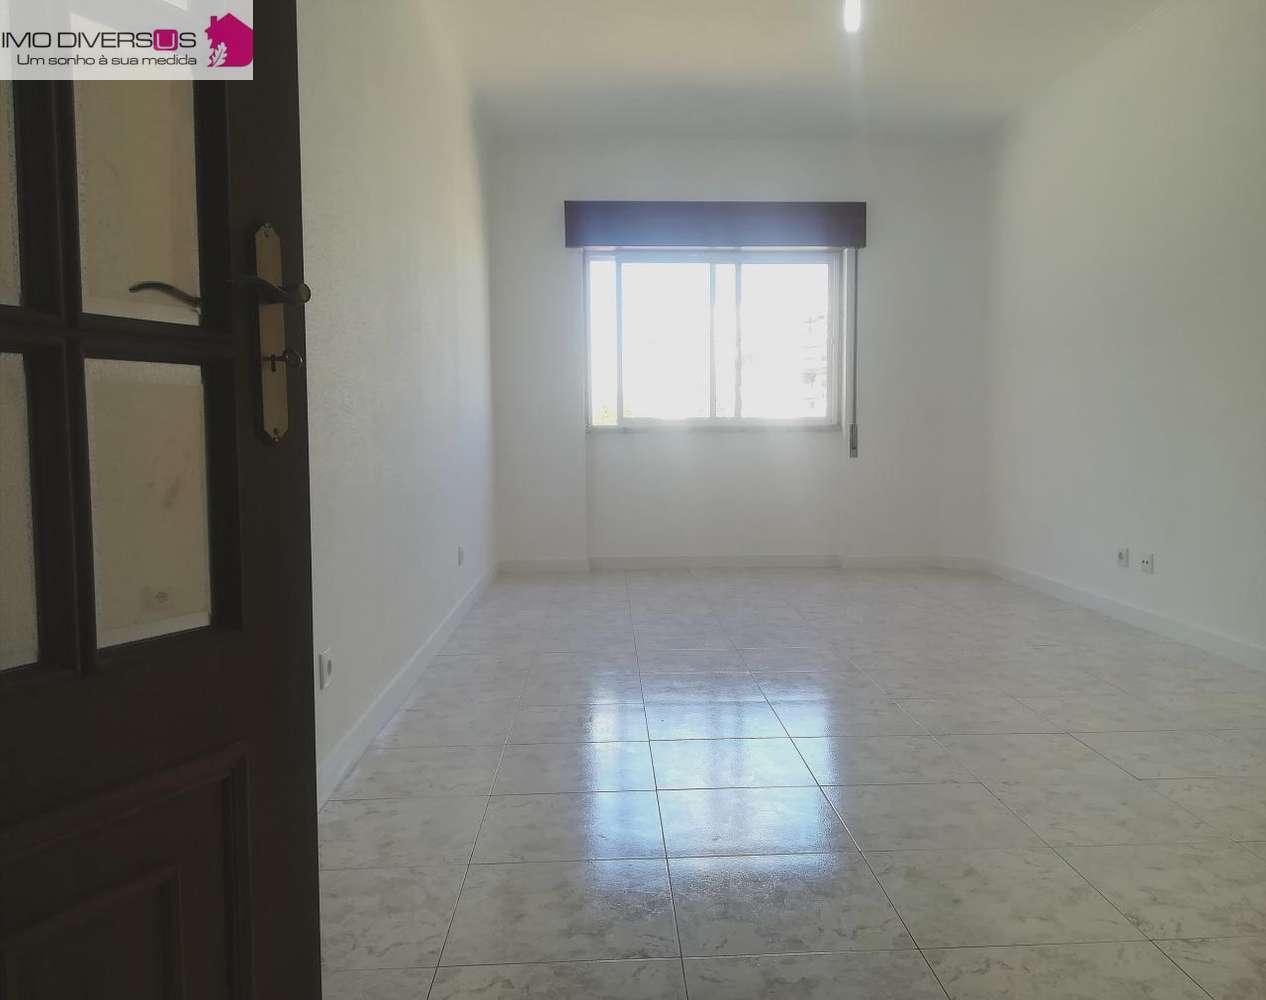 Apartamento para comprar, São Sebastião, Setúbal - Foto 5